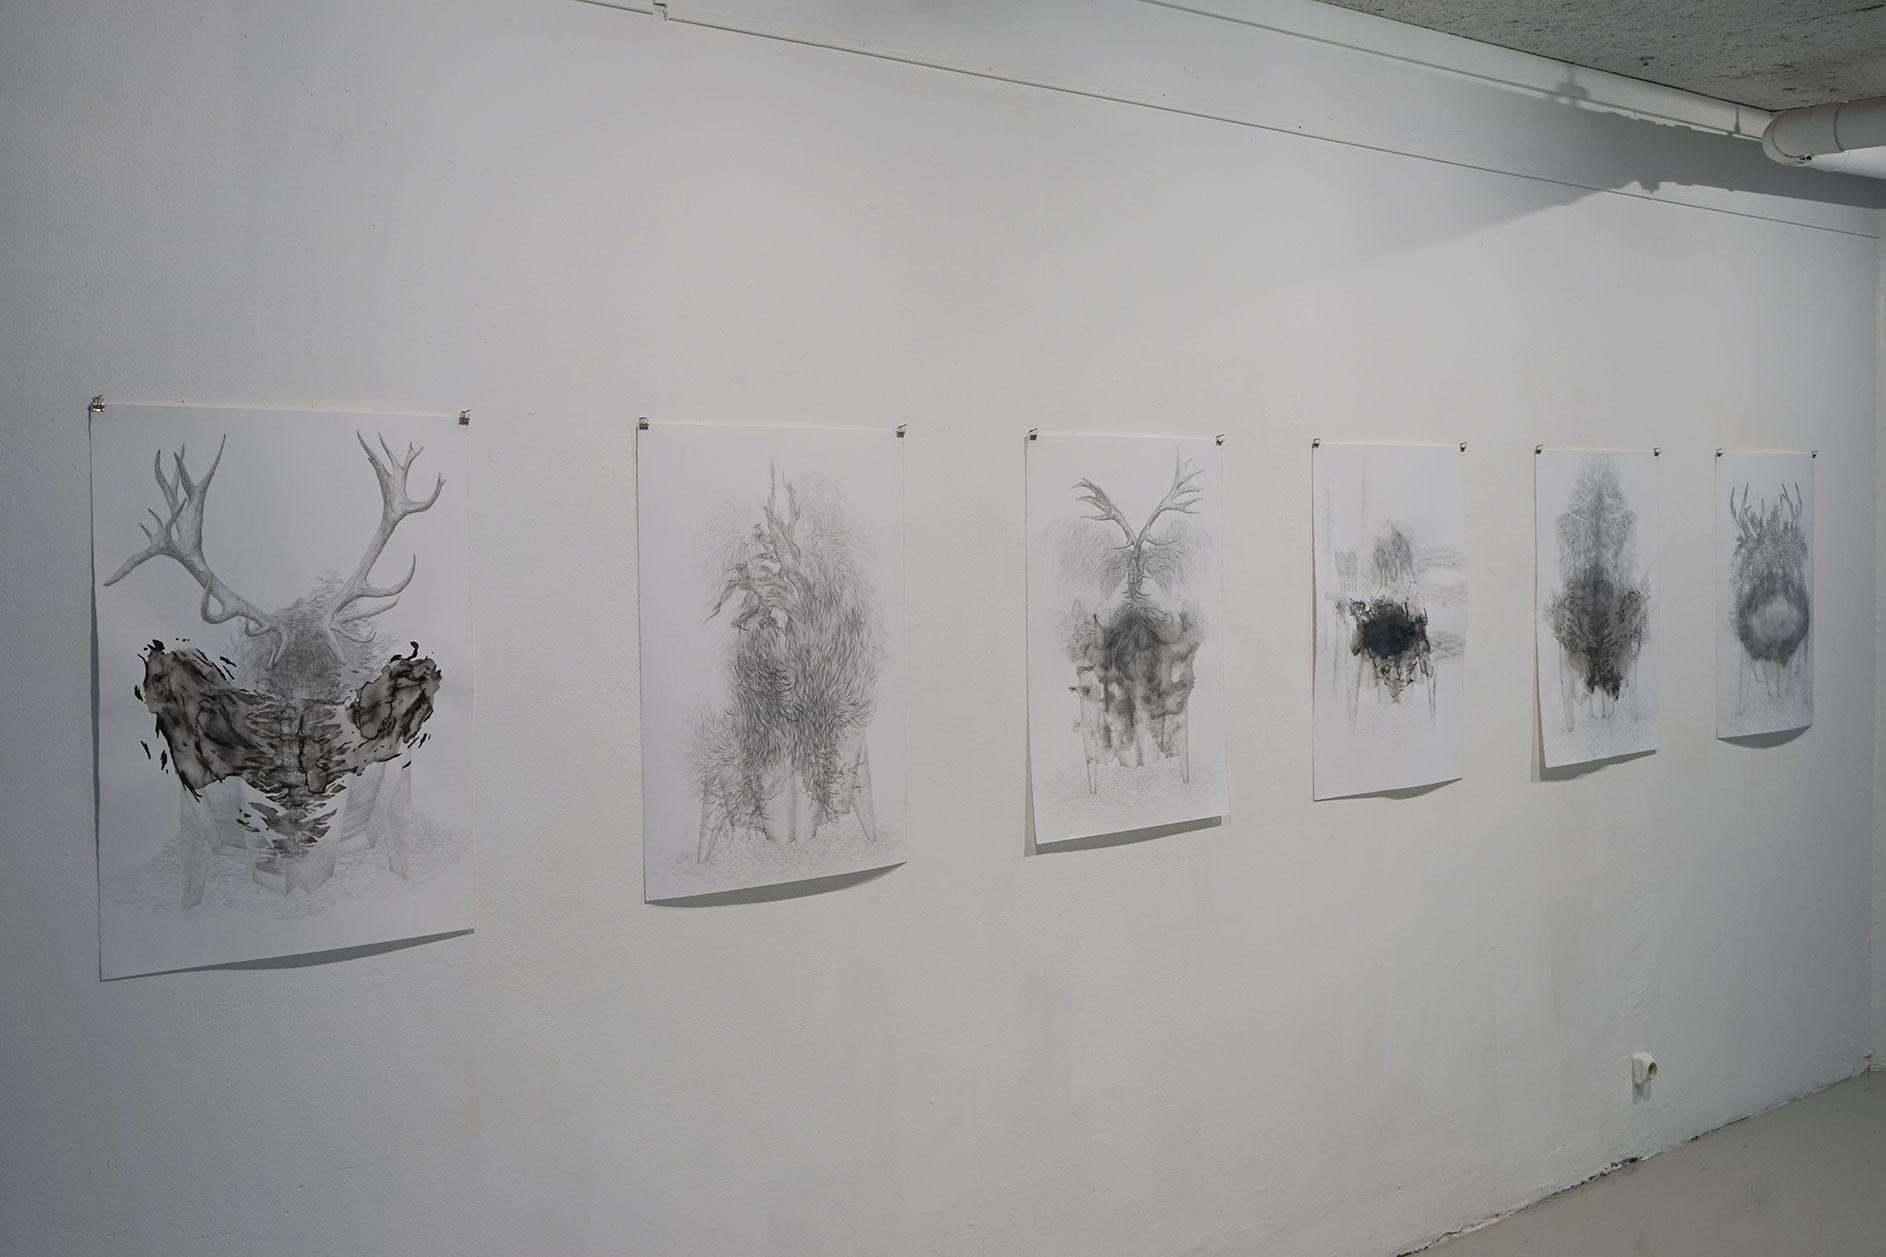 vue d'exposition <i>Sous l'ombre portée<i>, 2018